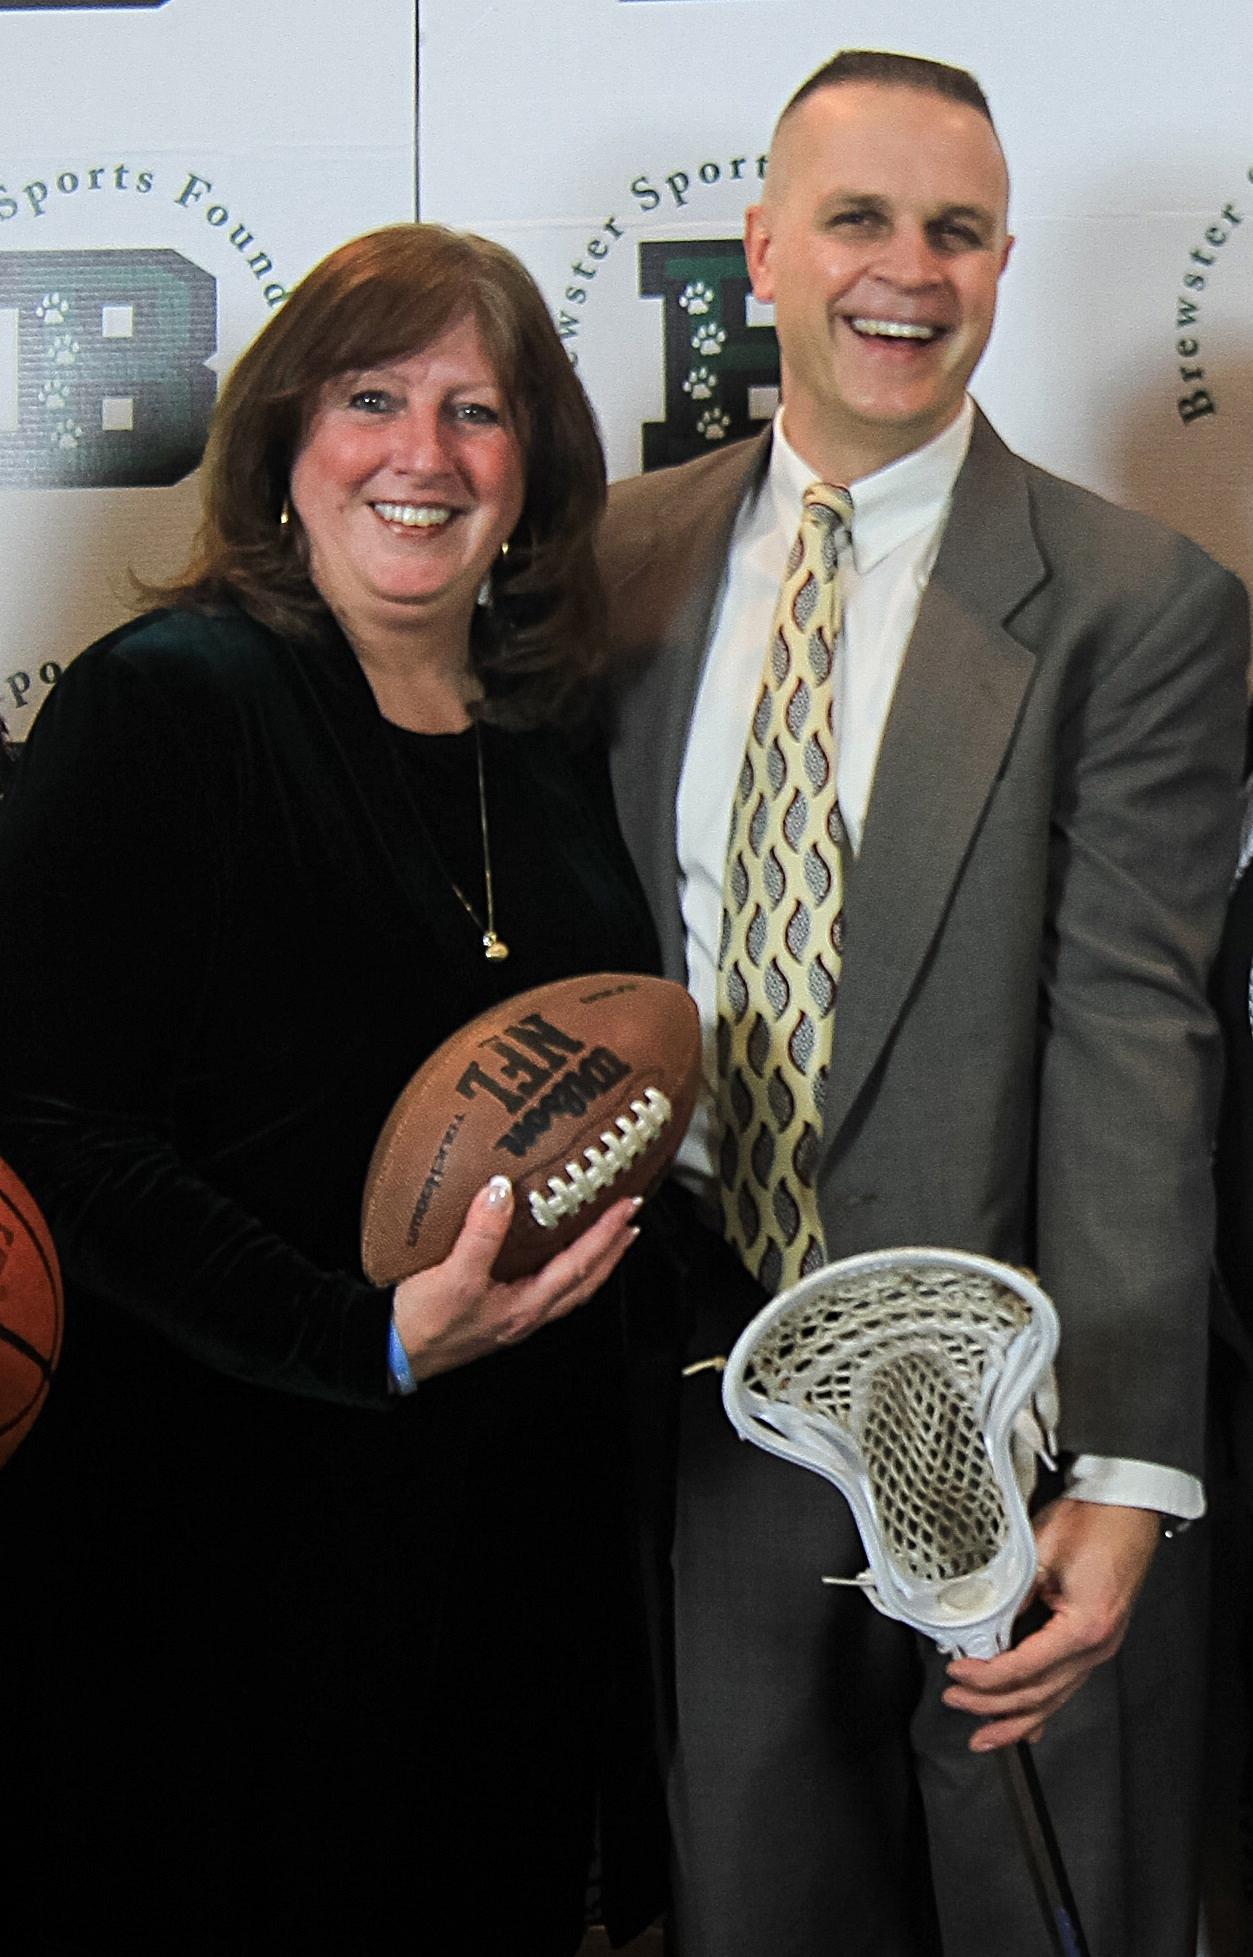 Lisa McPartland, Vice President, with Mr. Berardo